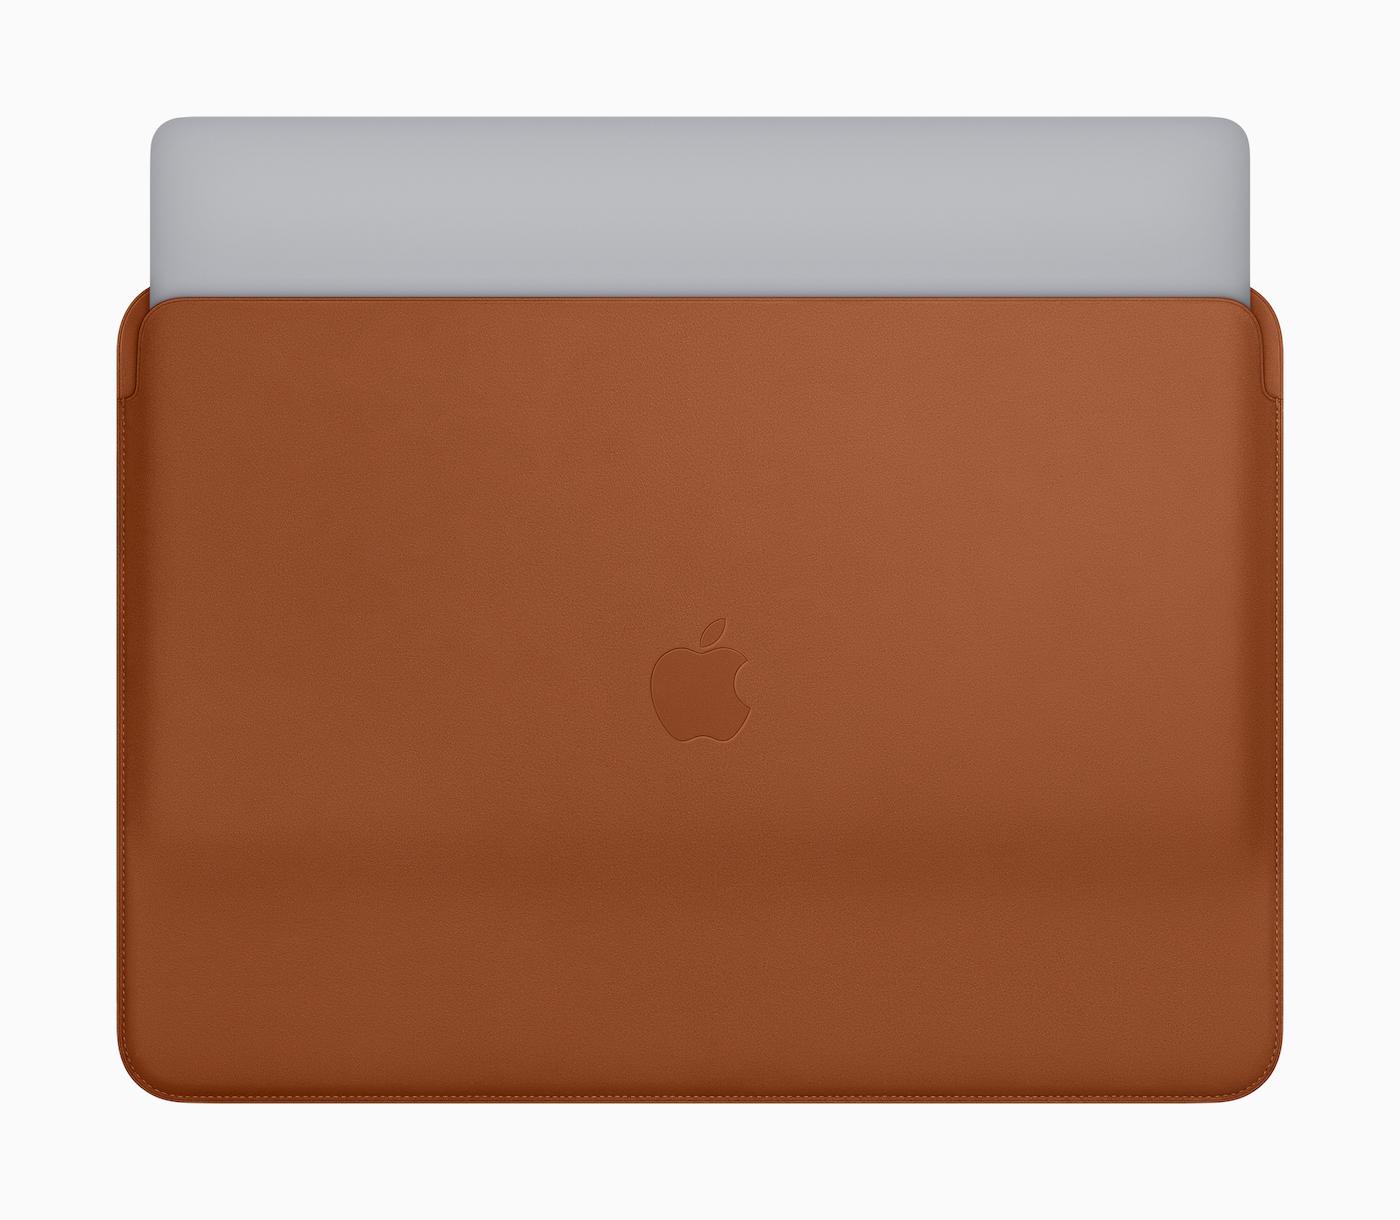 Apple_MacBook_Pro-04